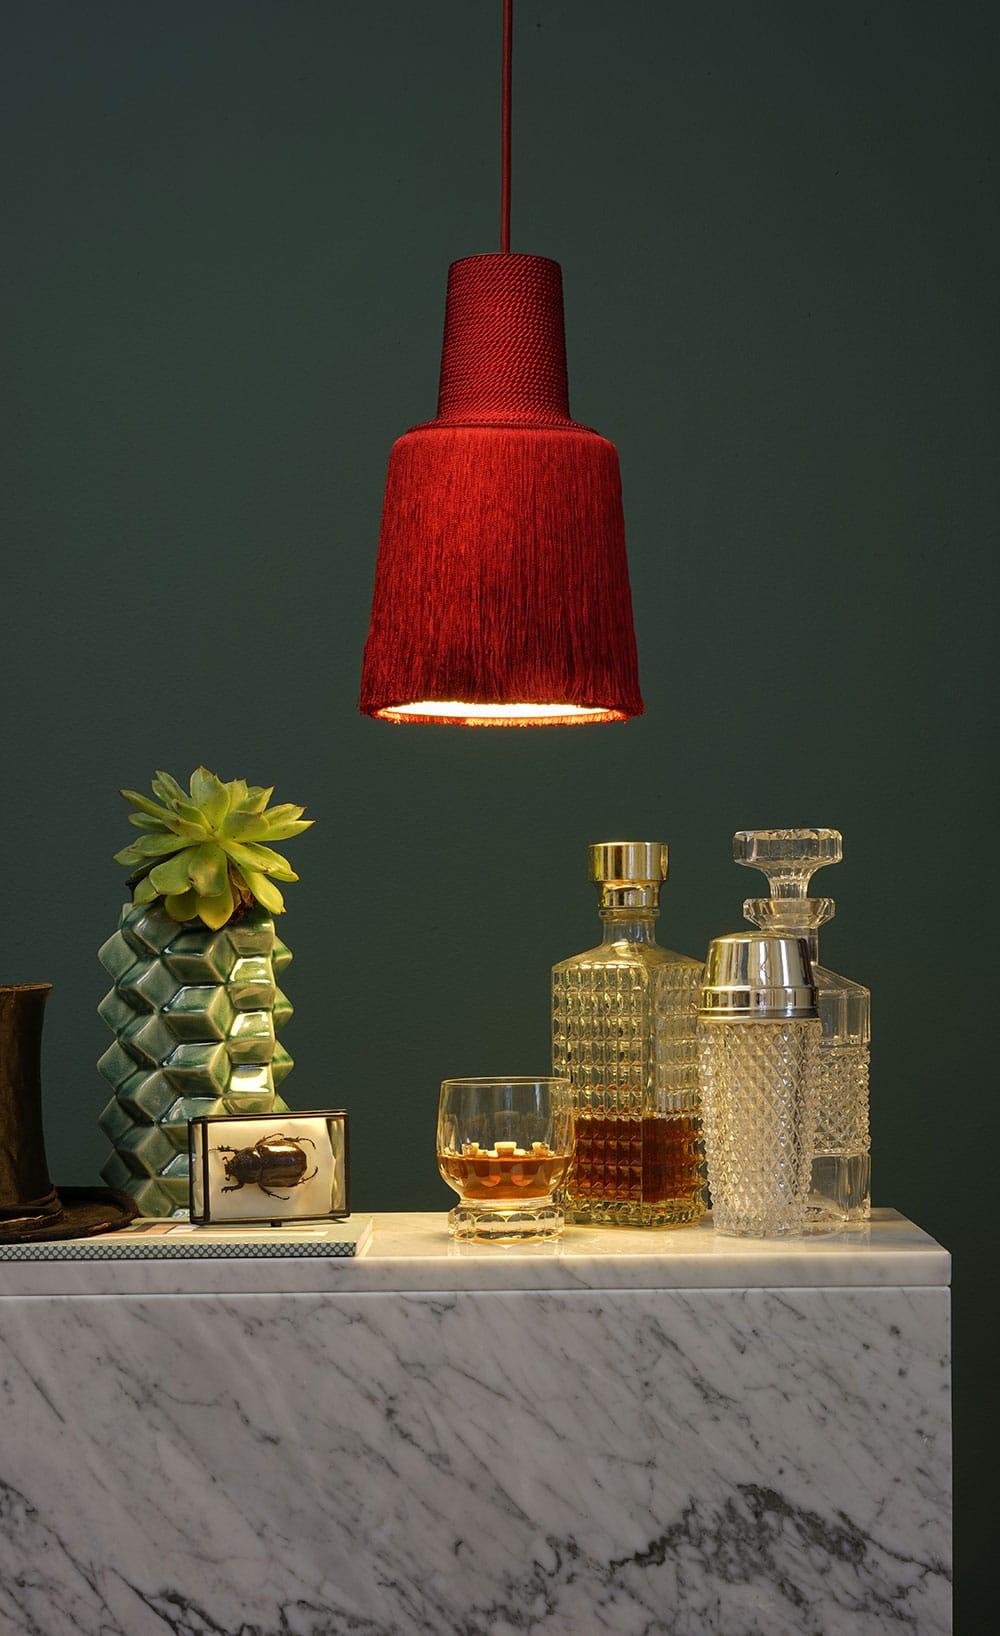 DesignOrt Blog: Designerleuchten in Rot Haengelampe aus Textilfäden Pascha fraumaier